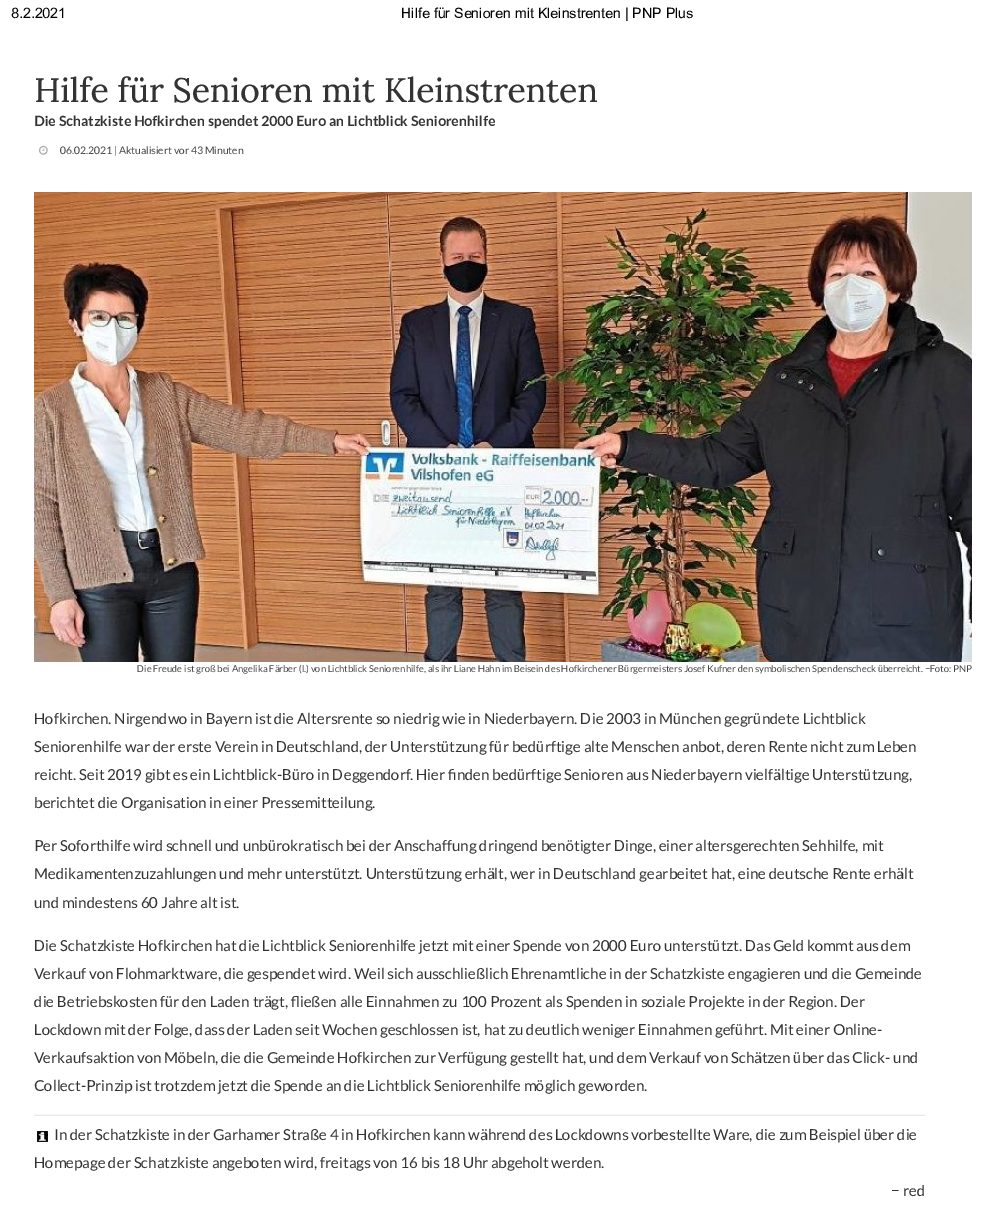 06.02.2021 | Passauer Neue Presse | Hilfe für Senioren mit Kleinstrenten